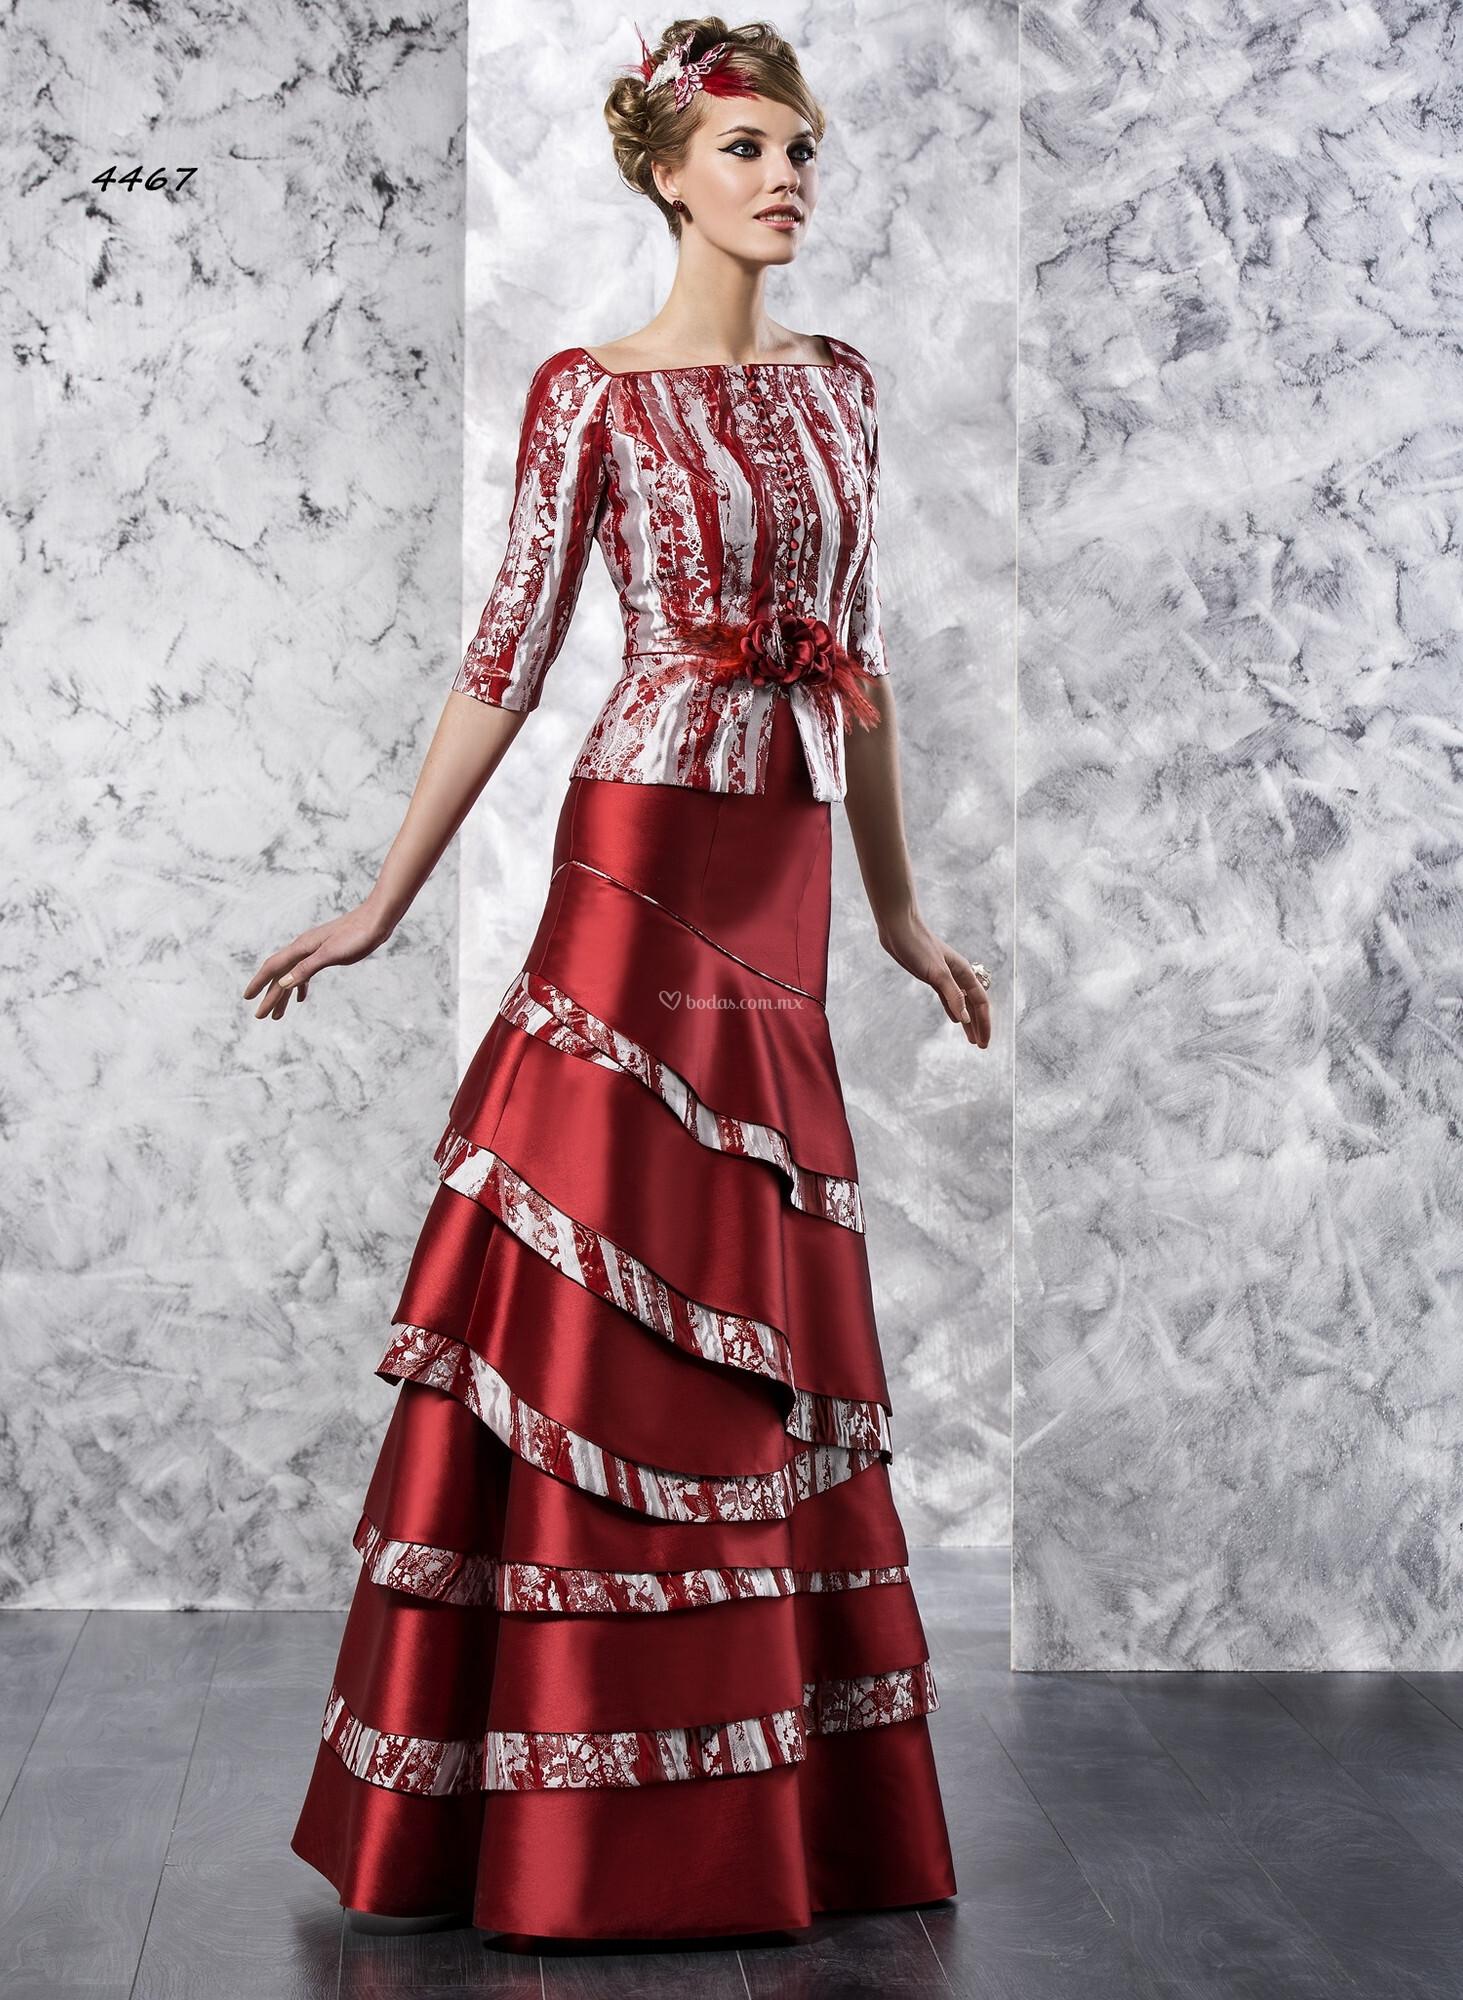 LUNA NOVIAS - Vestidos de novia y fiesta